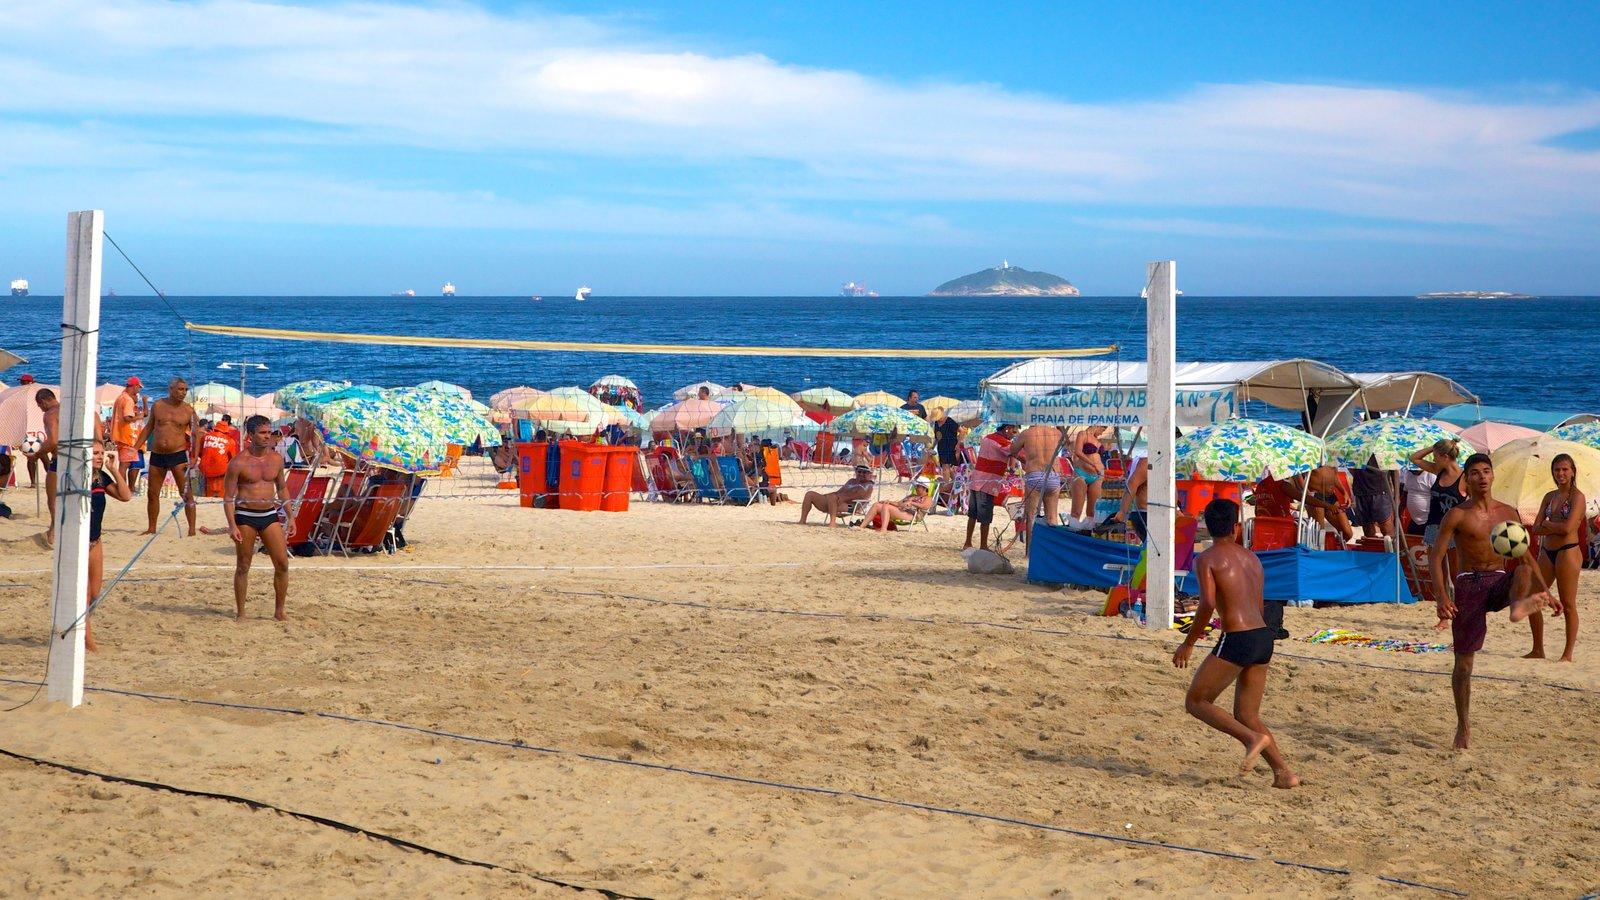 Praia de Ipanema caracterizando uma praia de areia